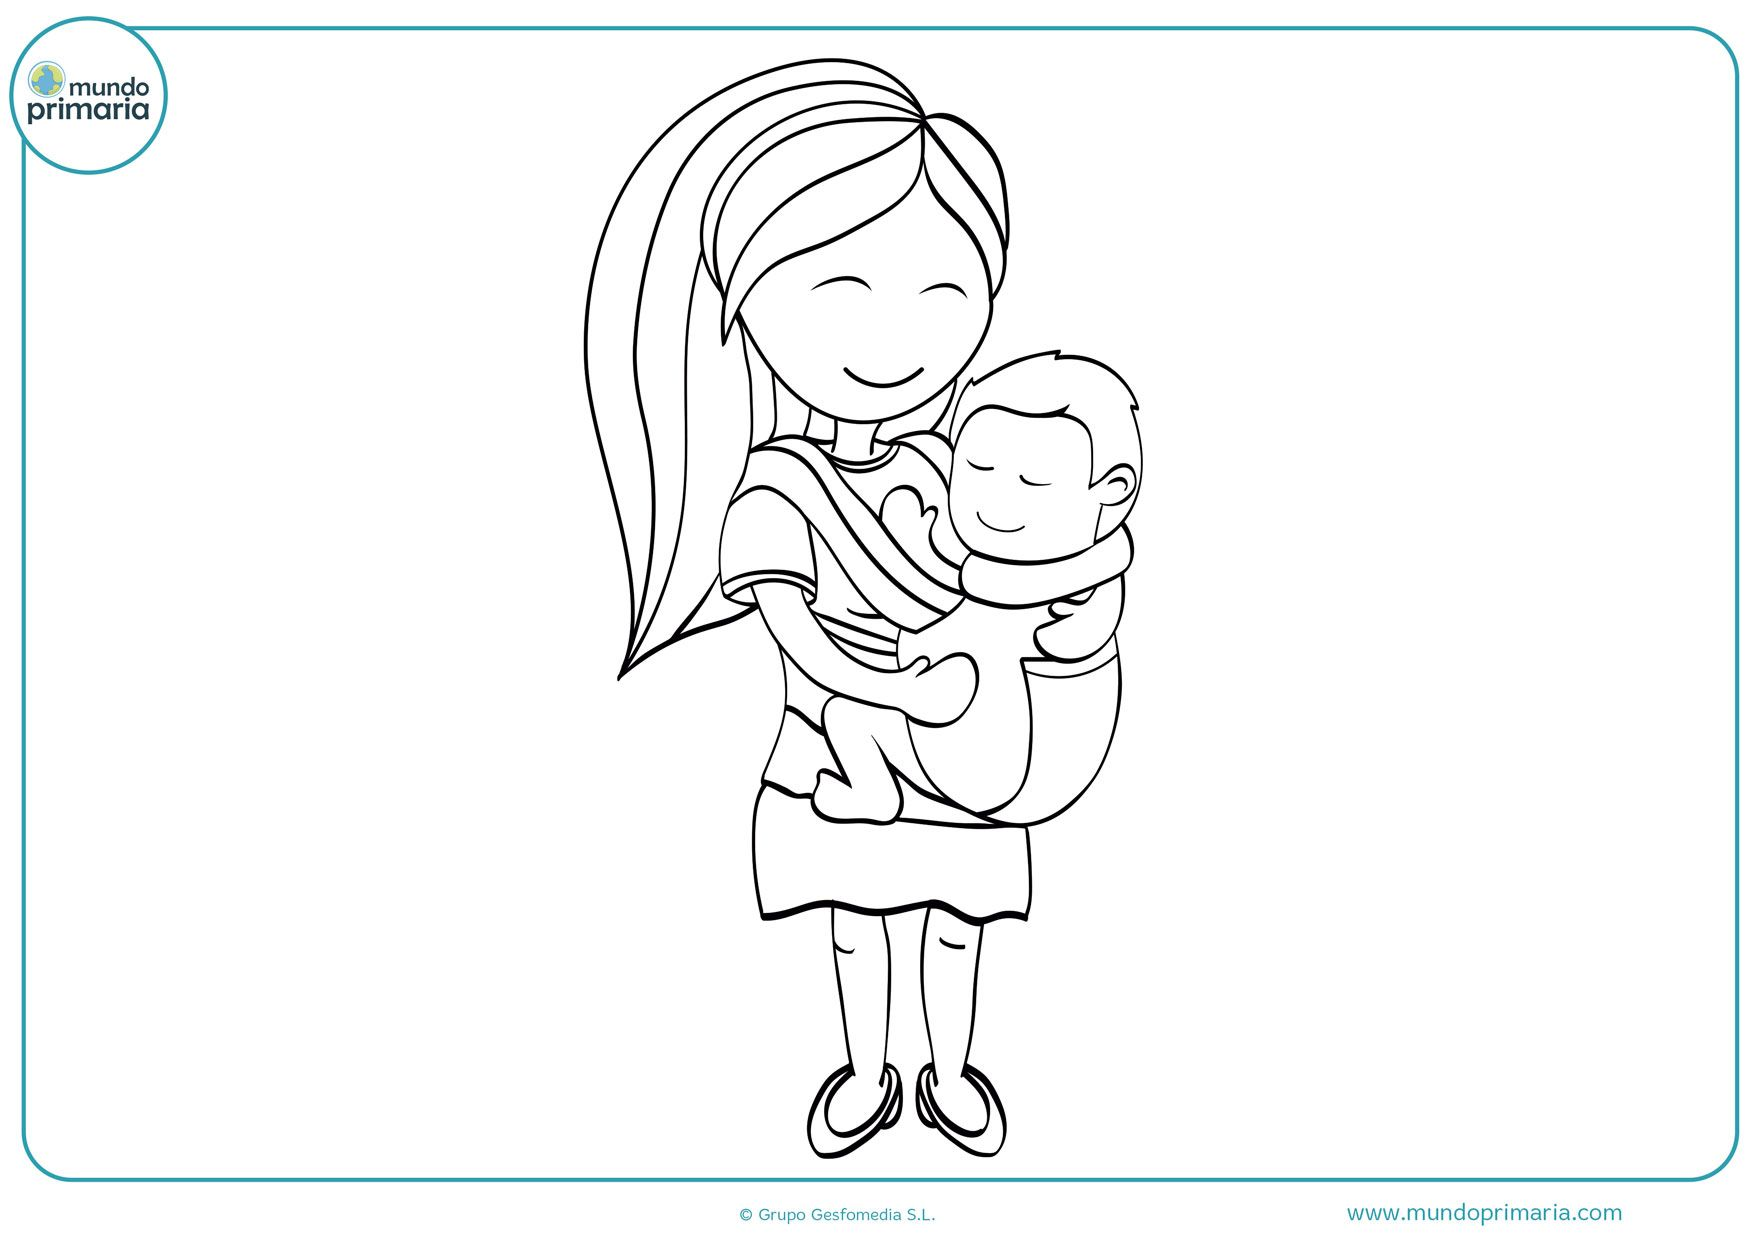 Dibujos Del Dia De La Madre Para Colorear Faciles Bonitos Dibujos Del Dia De Las Madres Dibujos Dibujo Para Mama